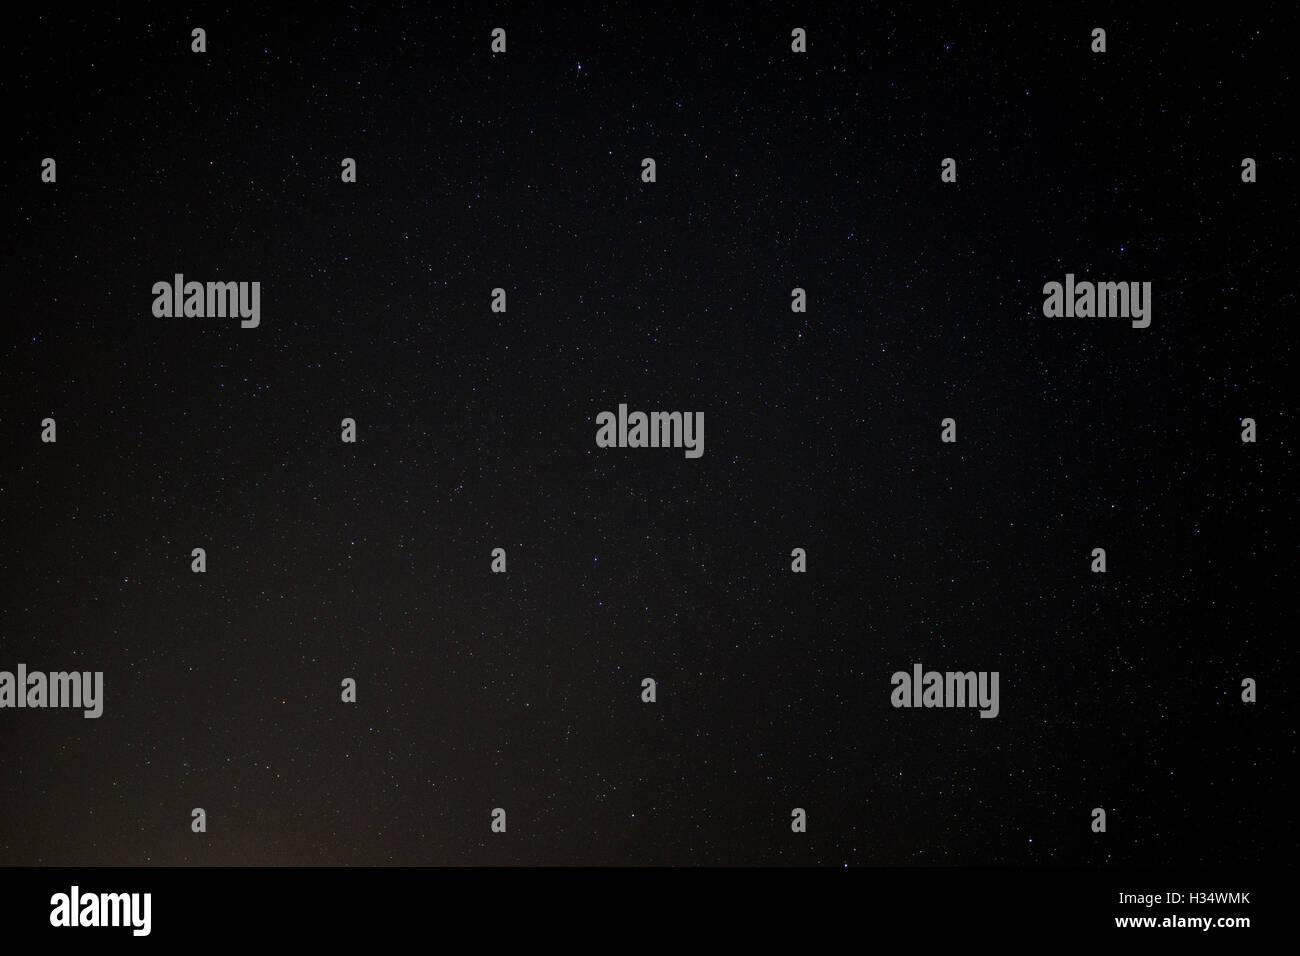 NIght sky with stars - Stock Image